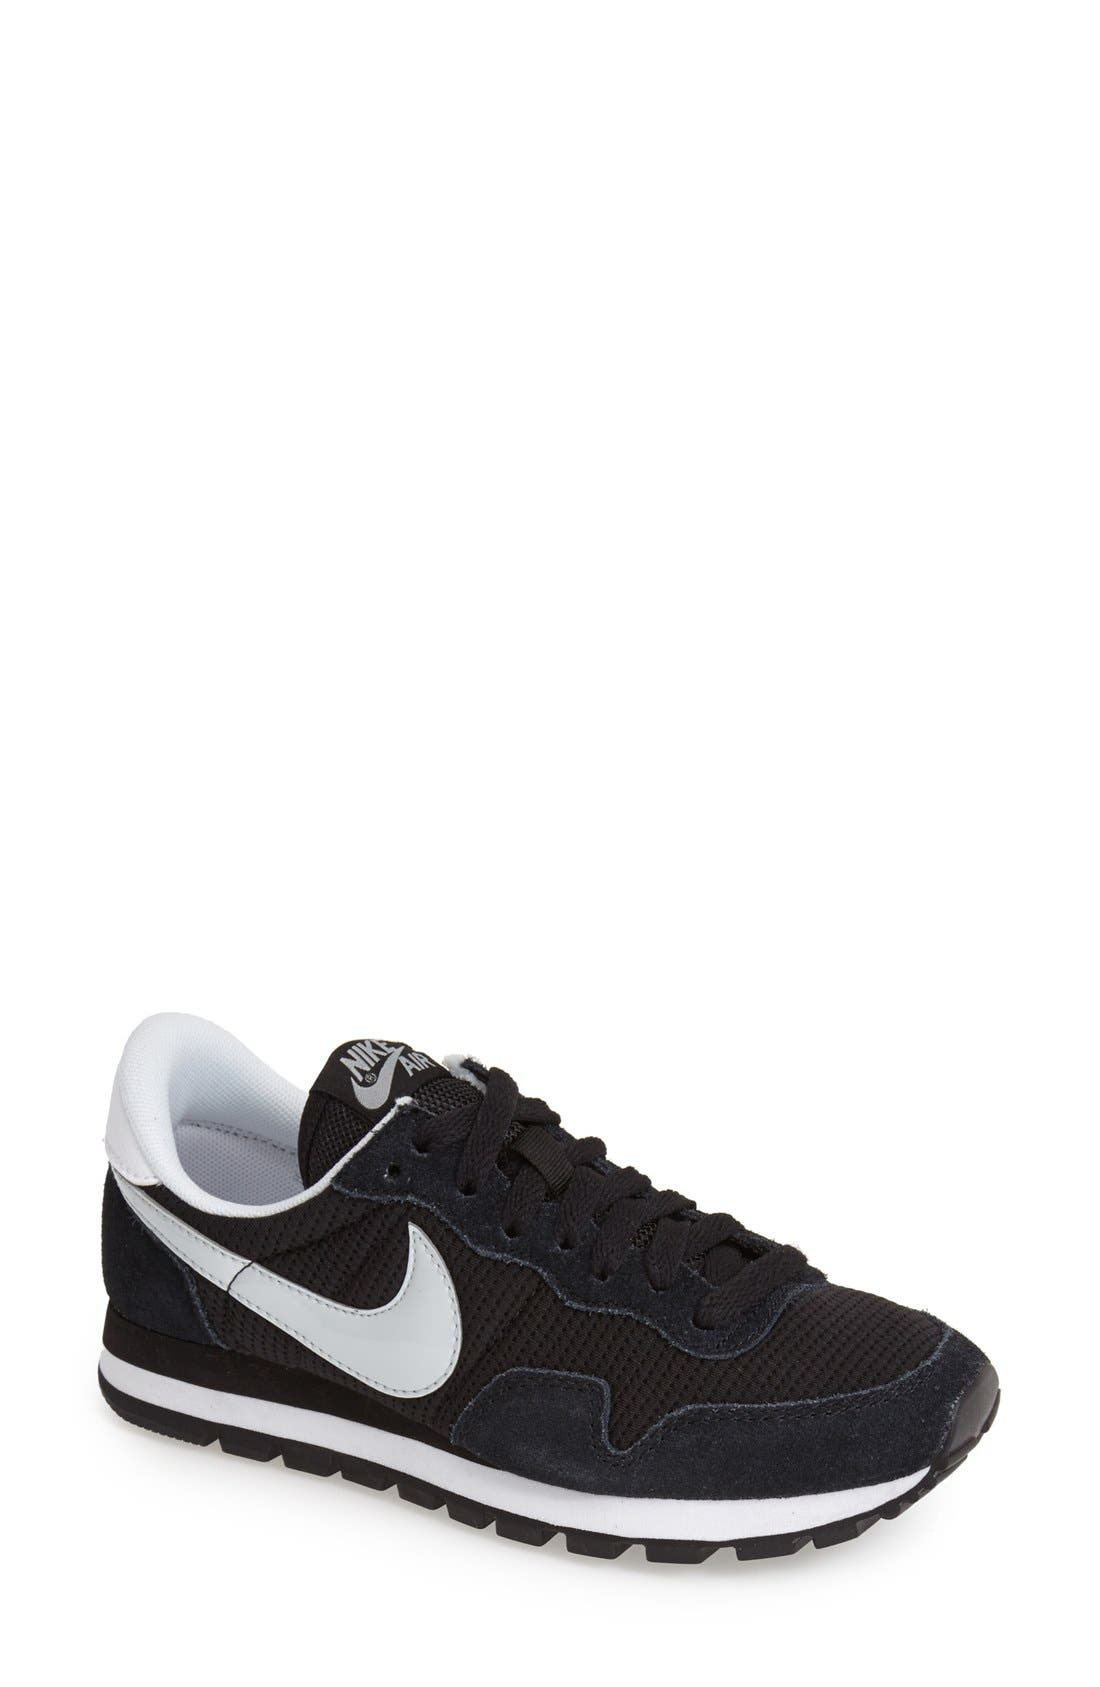 Main Image - Nike 'Air Pegasus 83' Sneaker (Women)